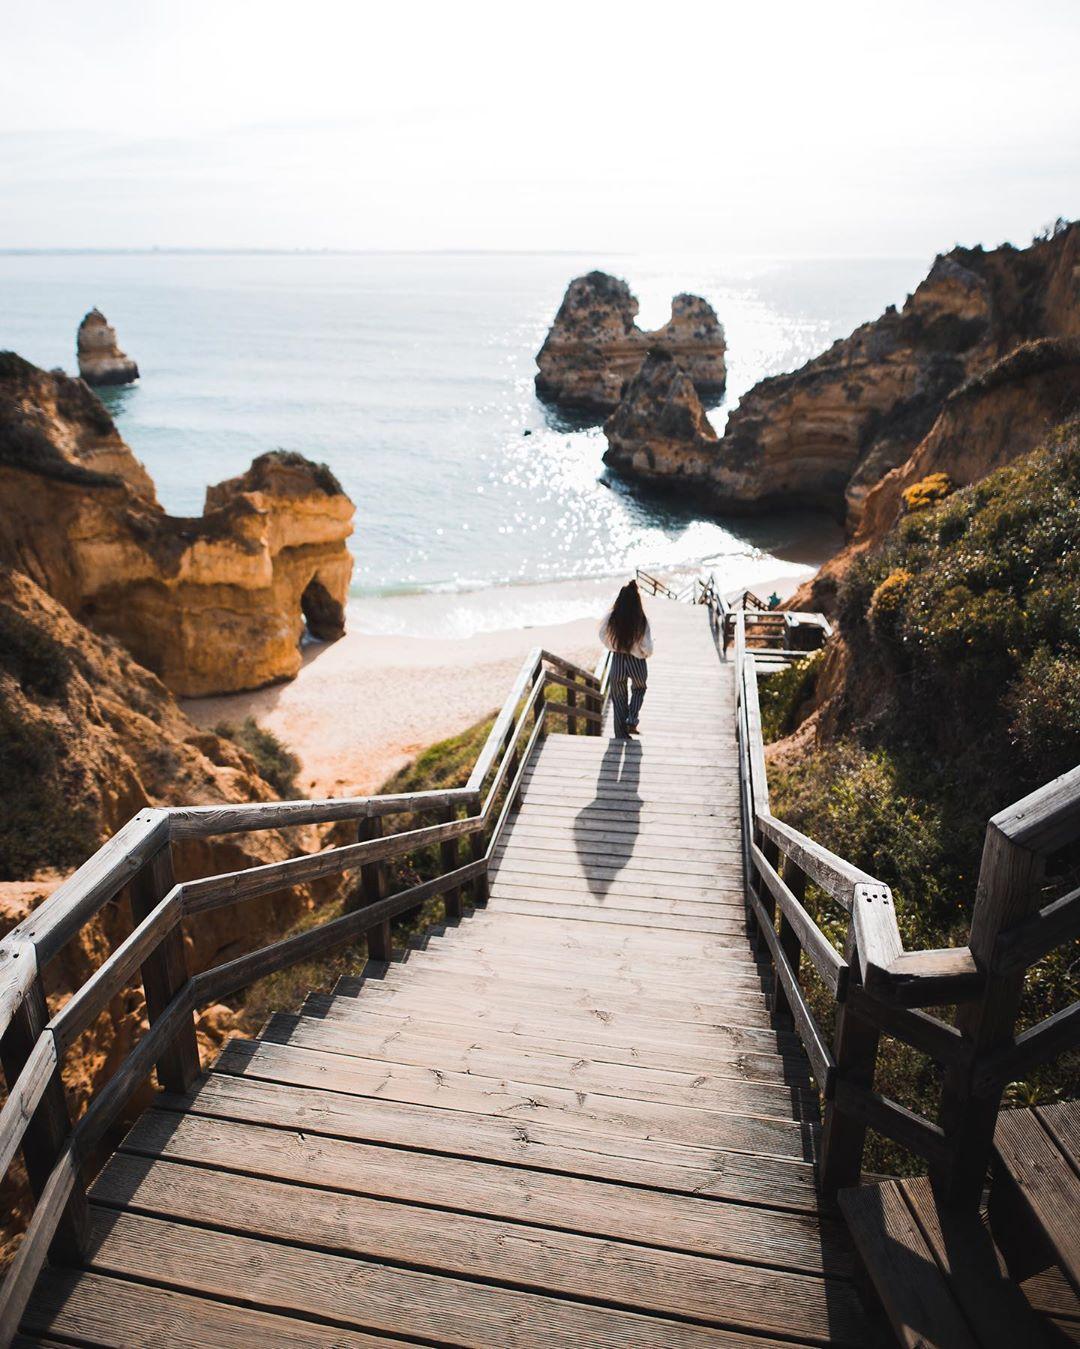 Путешествия и природа на снимках Максимилиана Полера